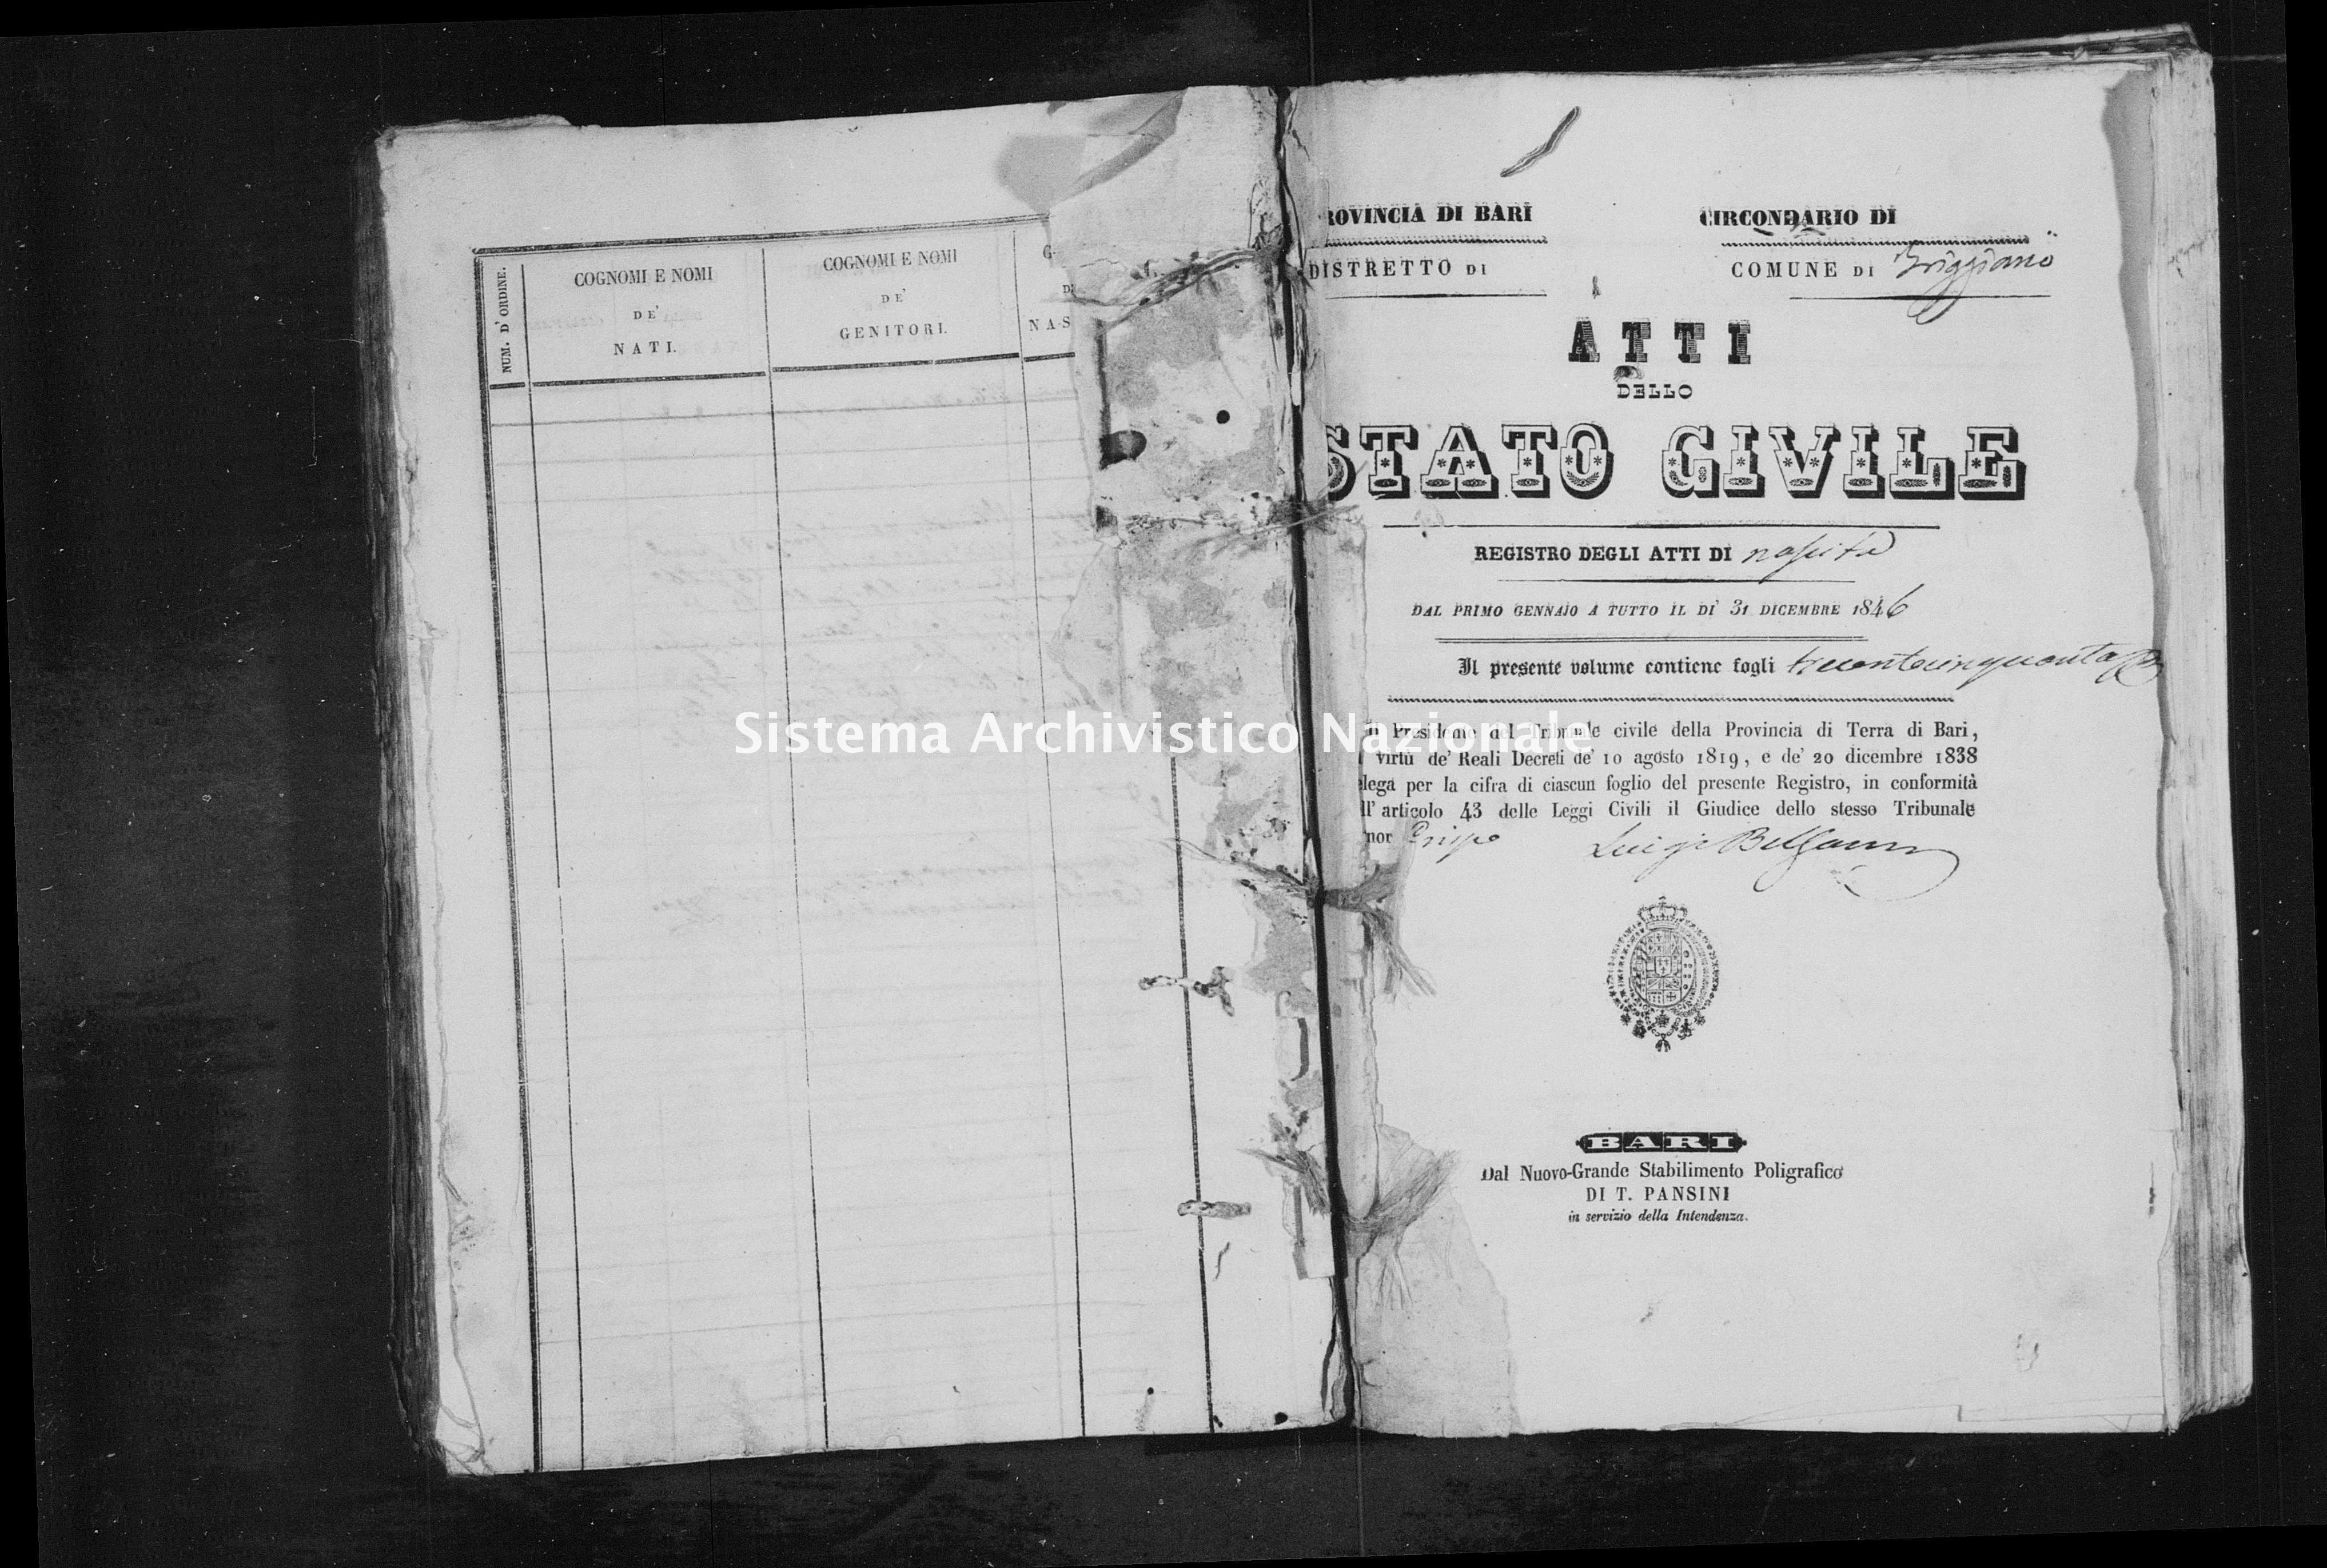 Archivio di stato di Bari - Stato civile della restaurazione - Triggiano - Nati - 1846 -